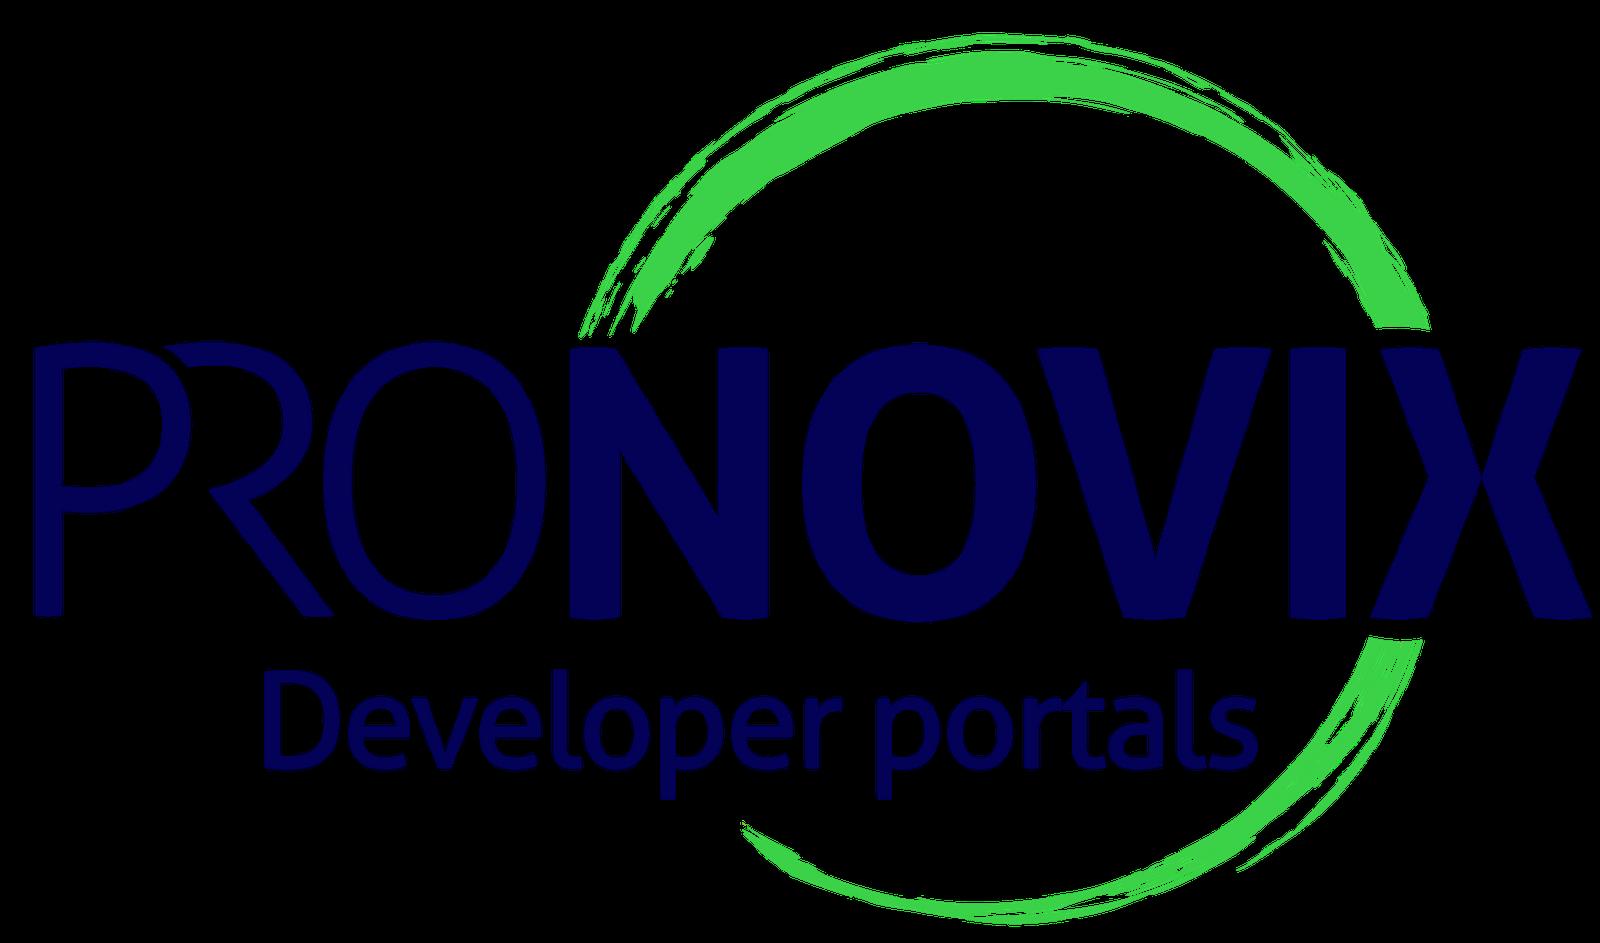 Pronovix%20logo%20developer%20portals%20s4uhy.PNG